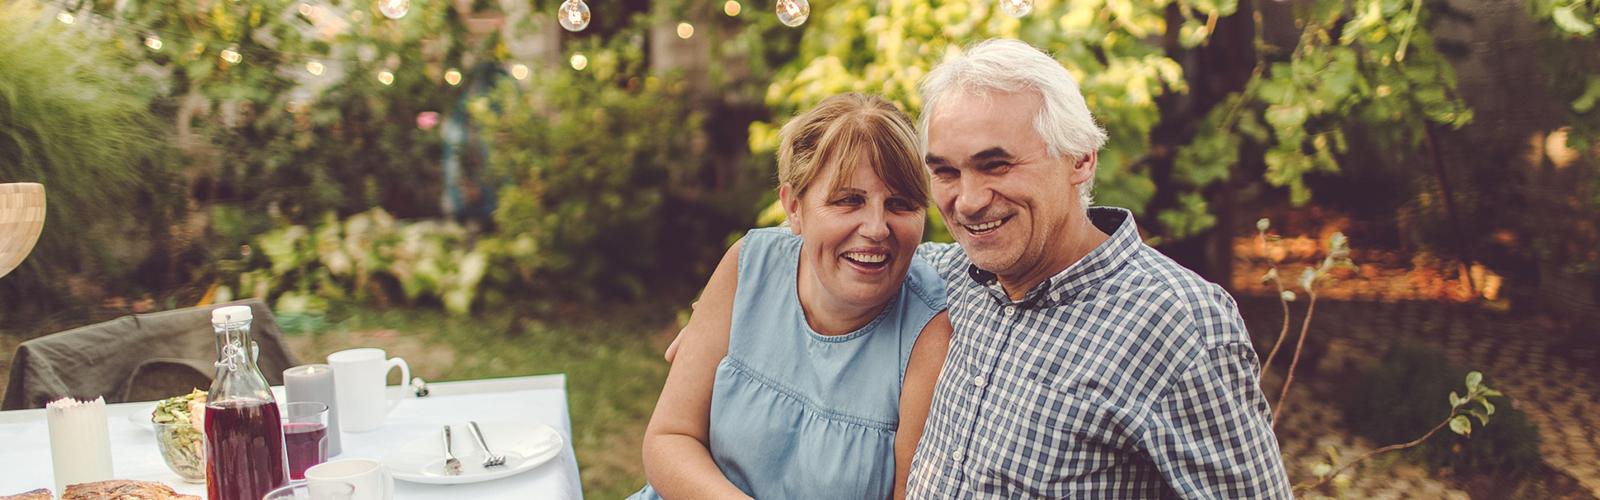 a senior couple at a garden party